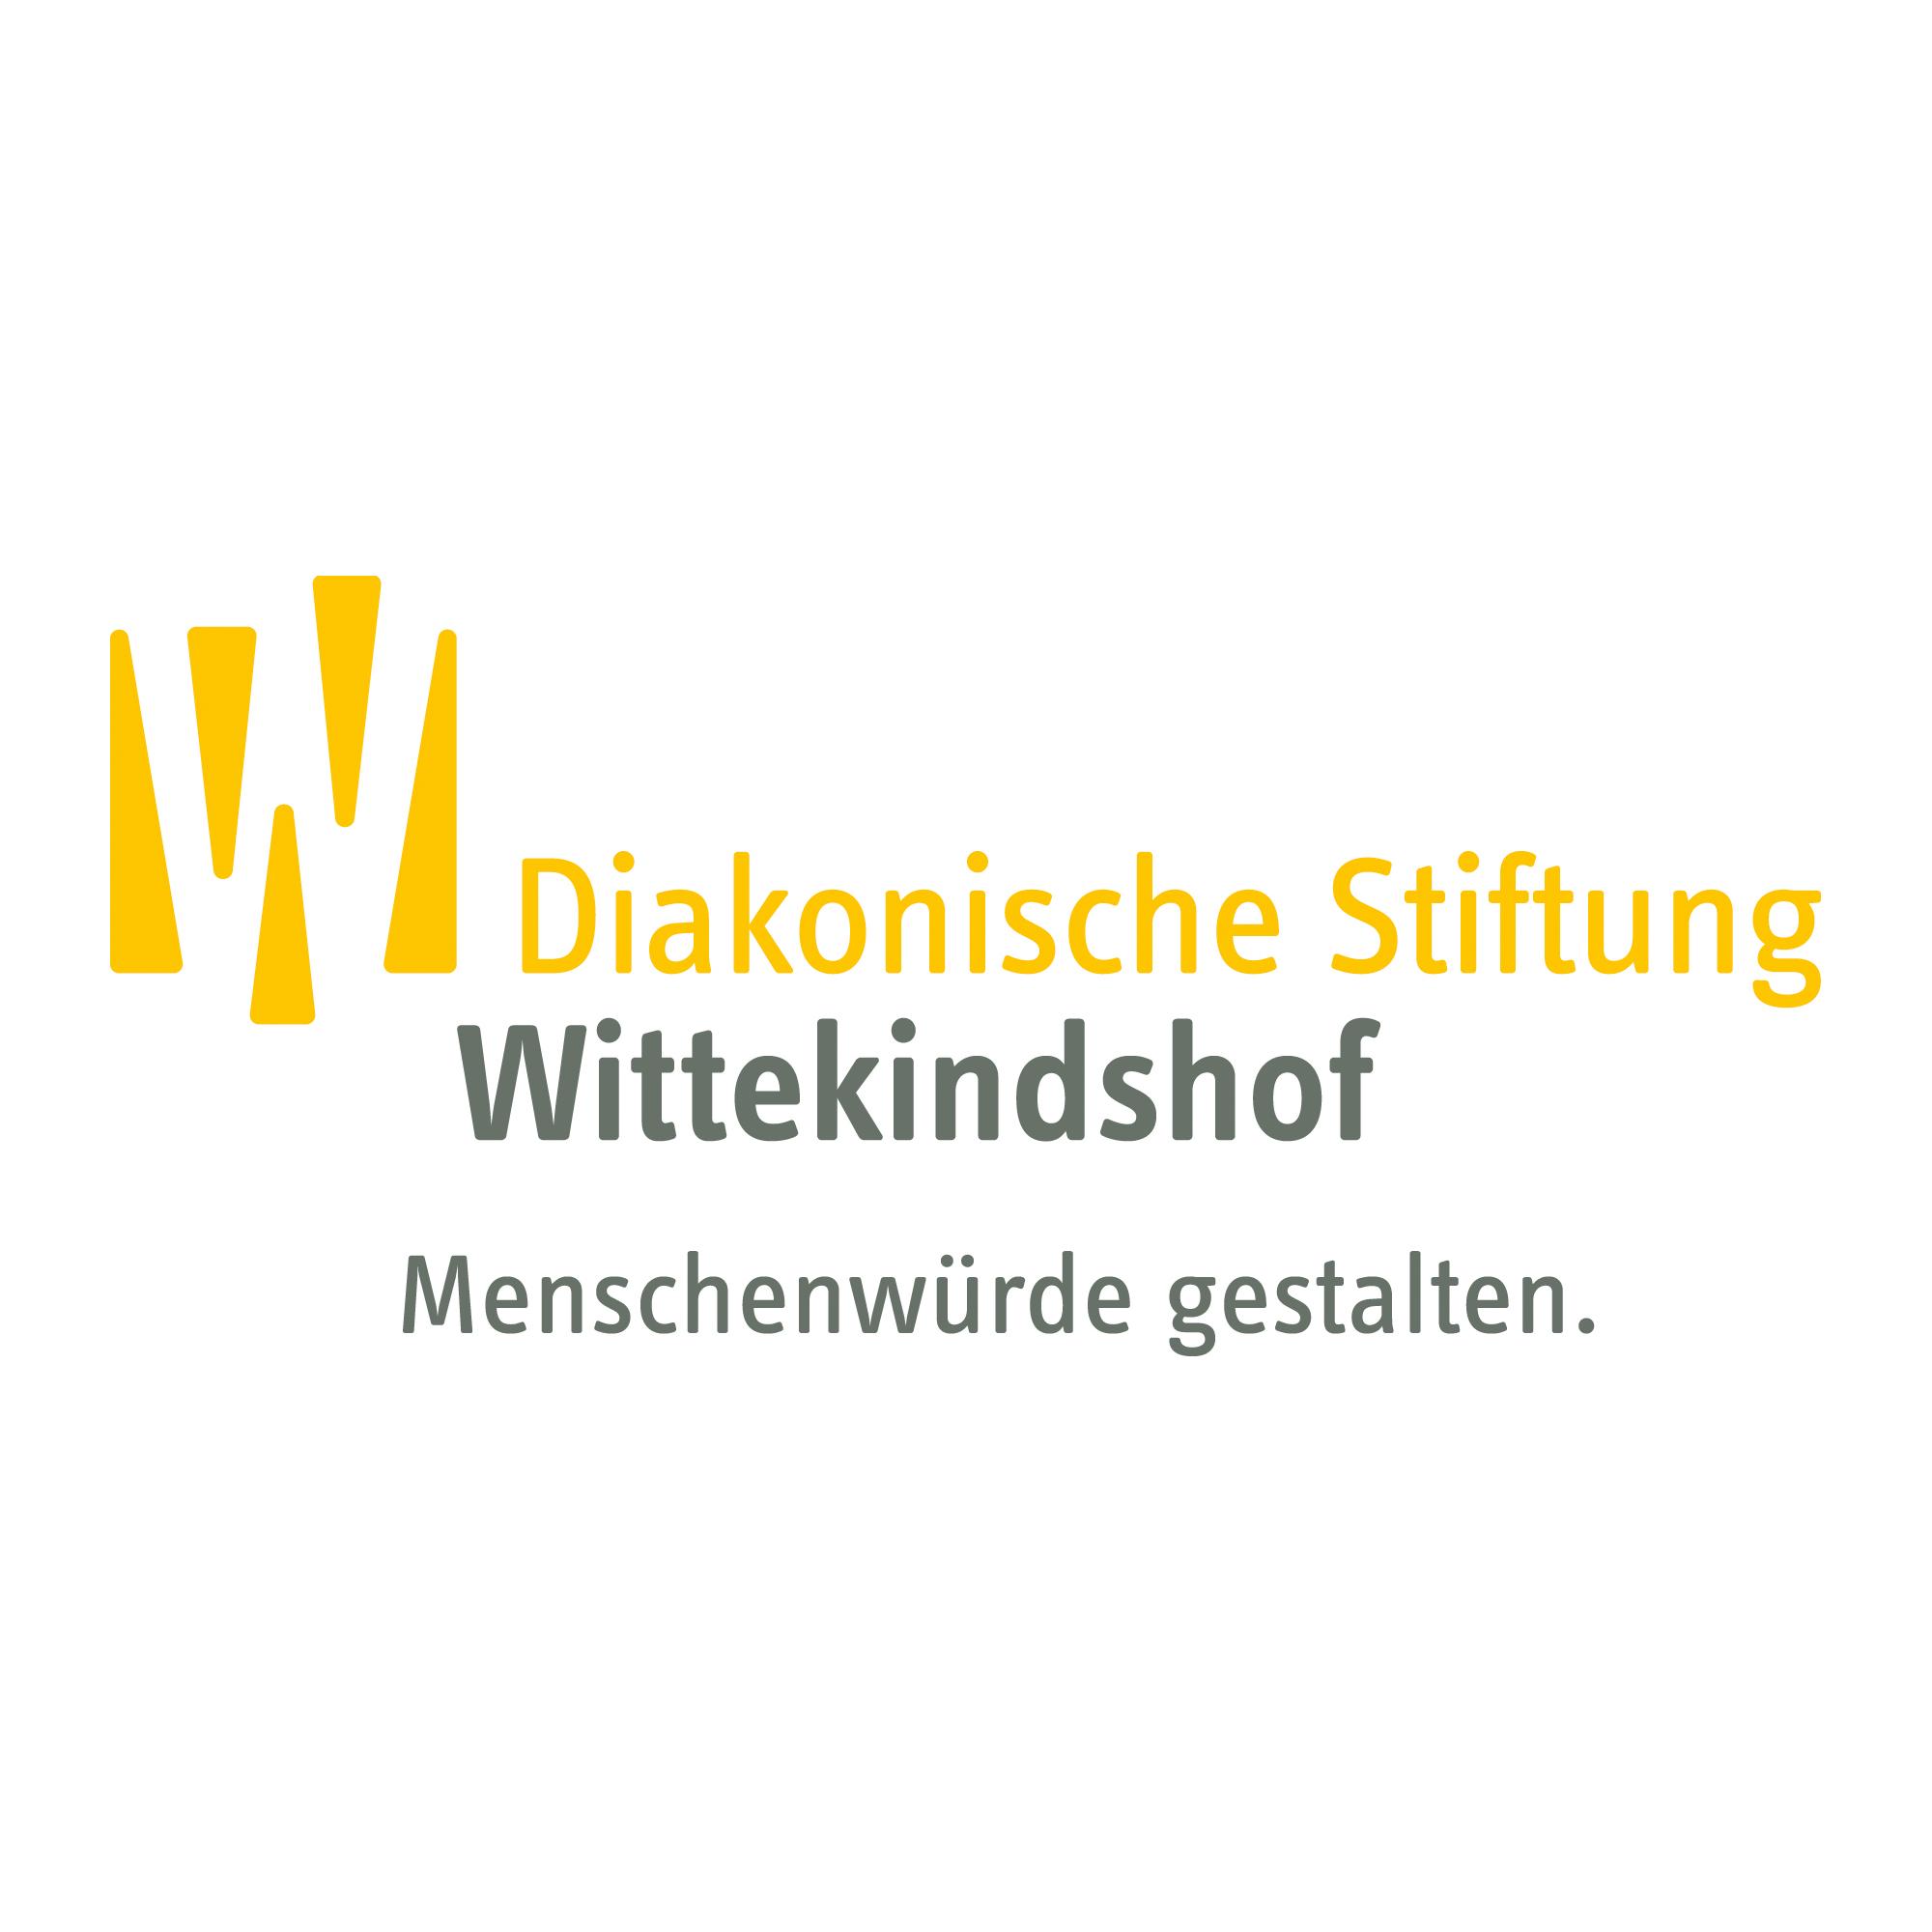 Logo: Wittekindshof - Diakonische Stiftung für Menschen mit Behinderungen